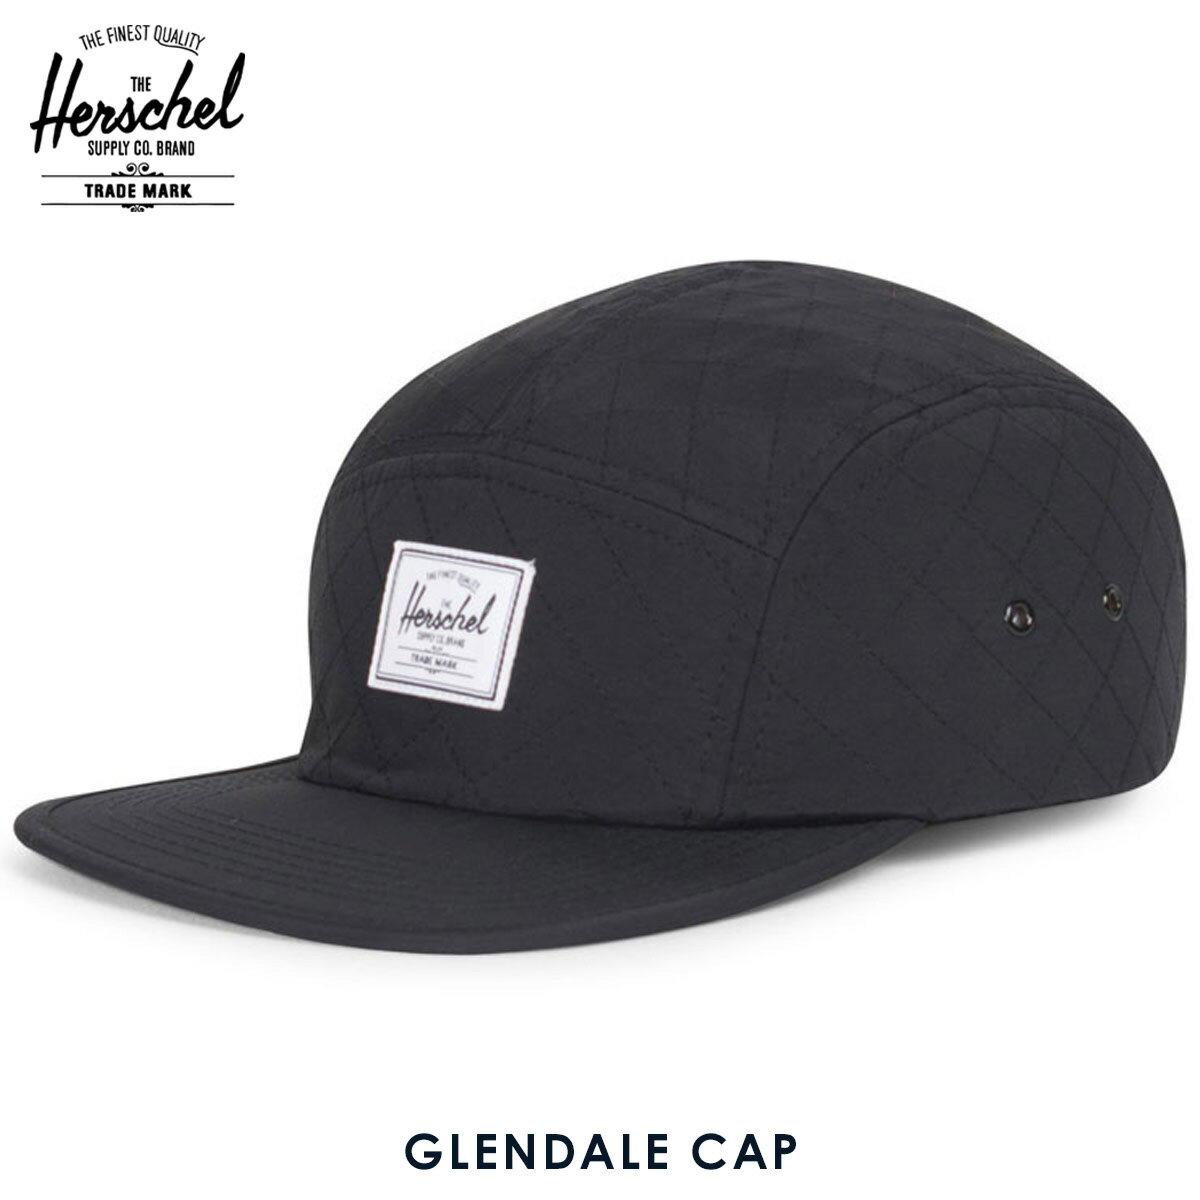 ハーシェル サプライ Herschel Supply 正規販売店 帽子 キャップ GLENDALE CAP QUILTED 1007-0298-OS BLACK QUILTED